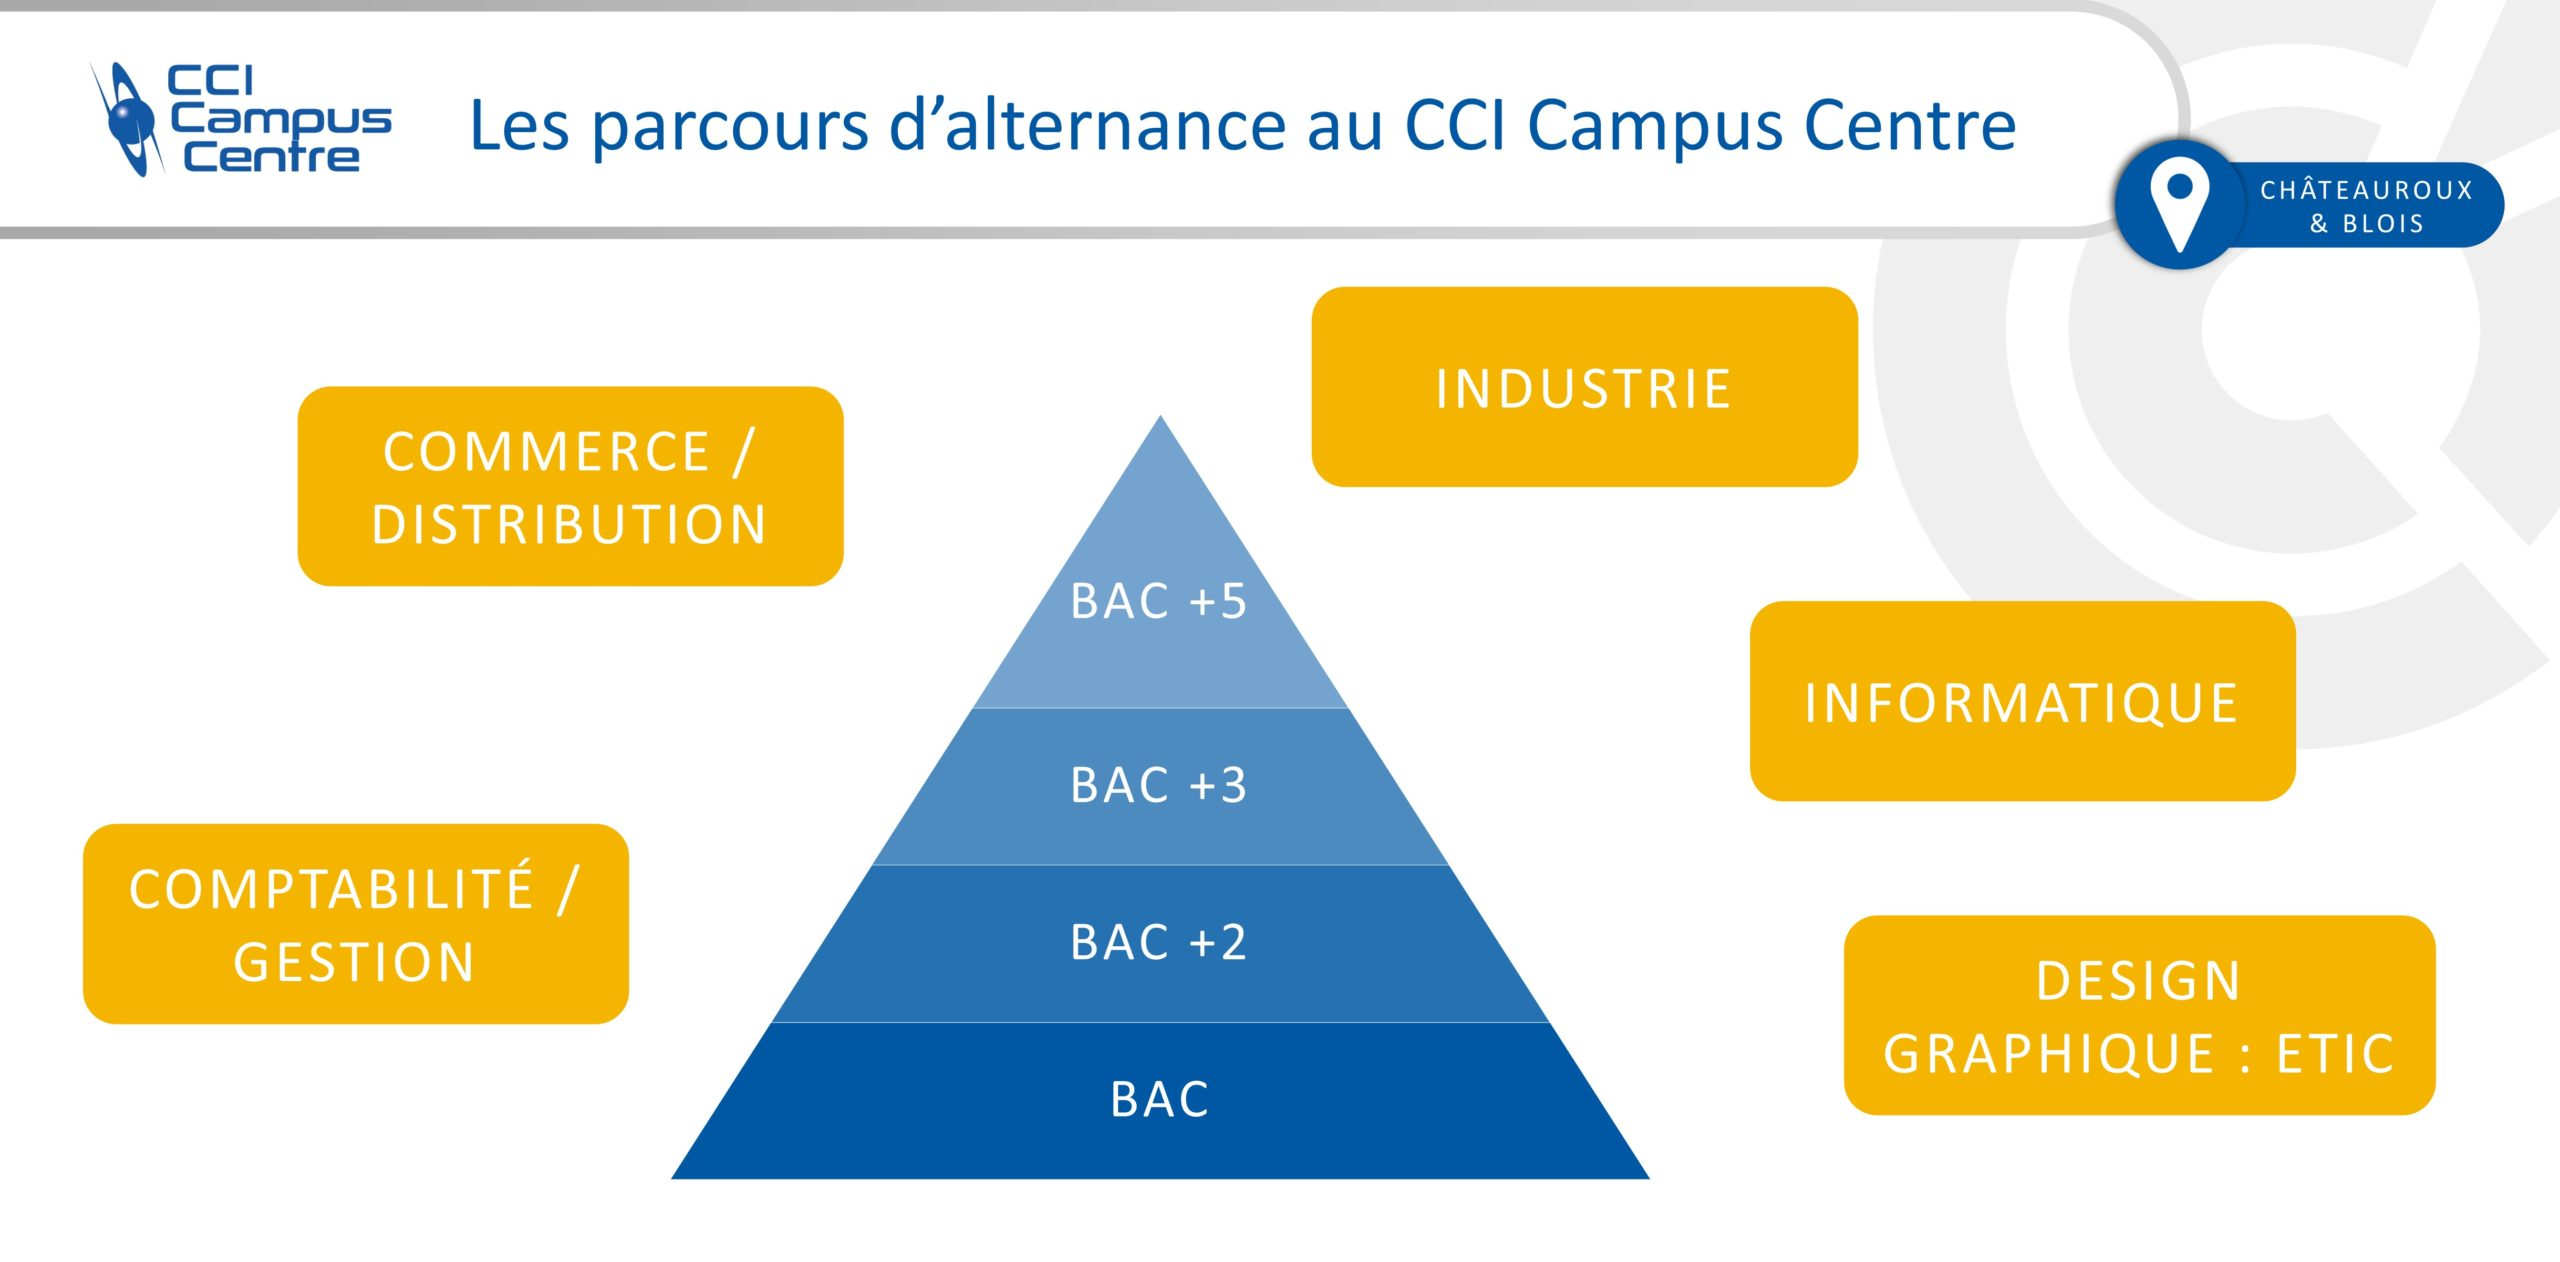 Parcours d'alternance au CCI Campus Centre